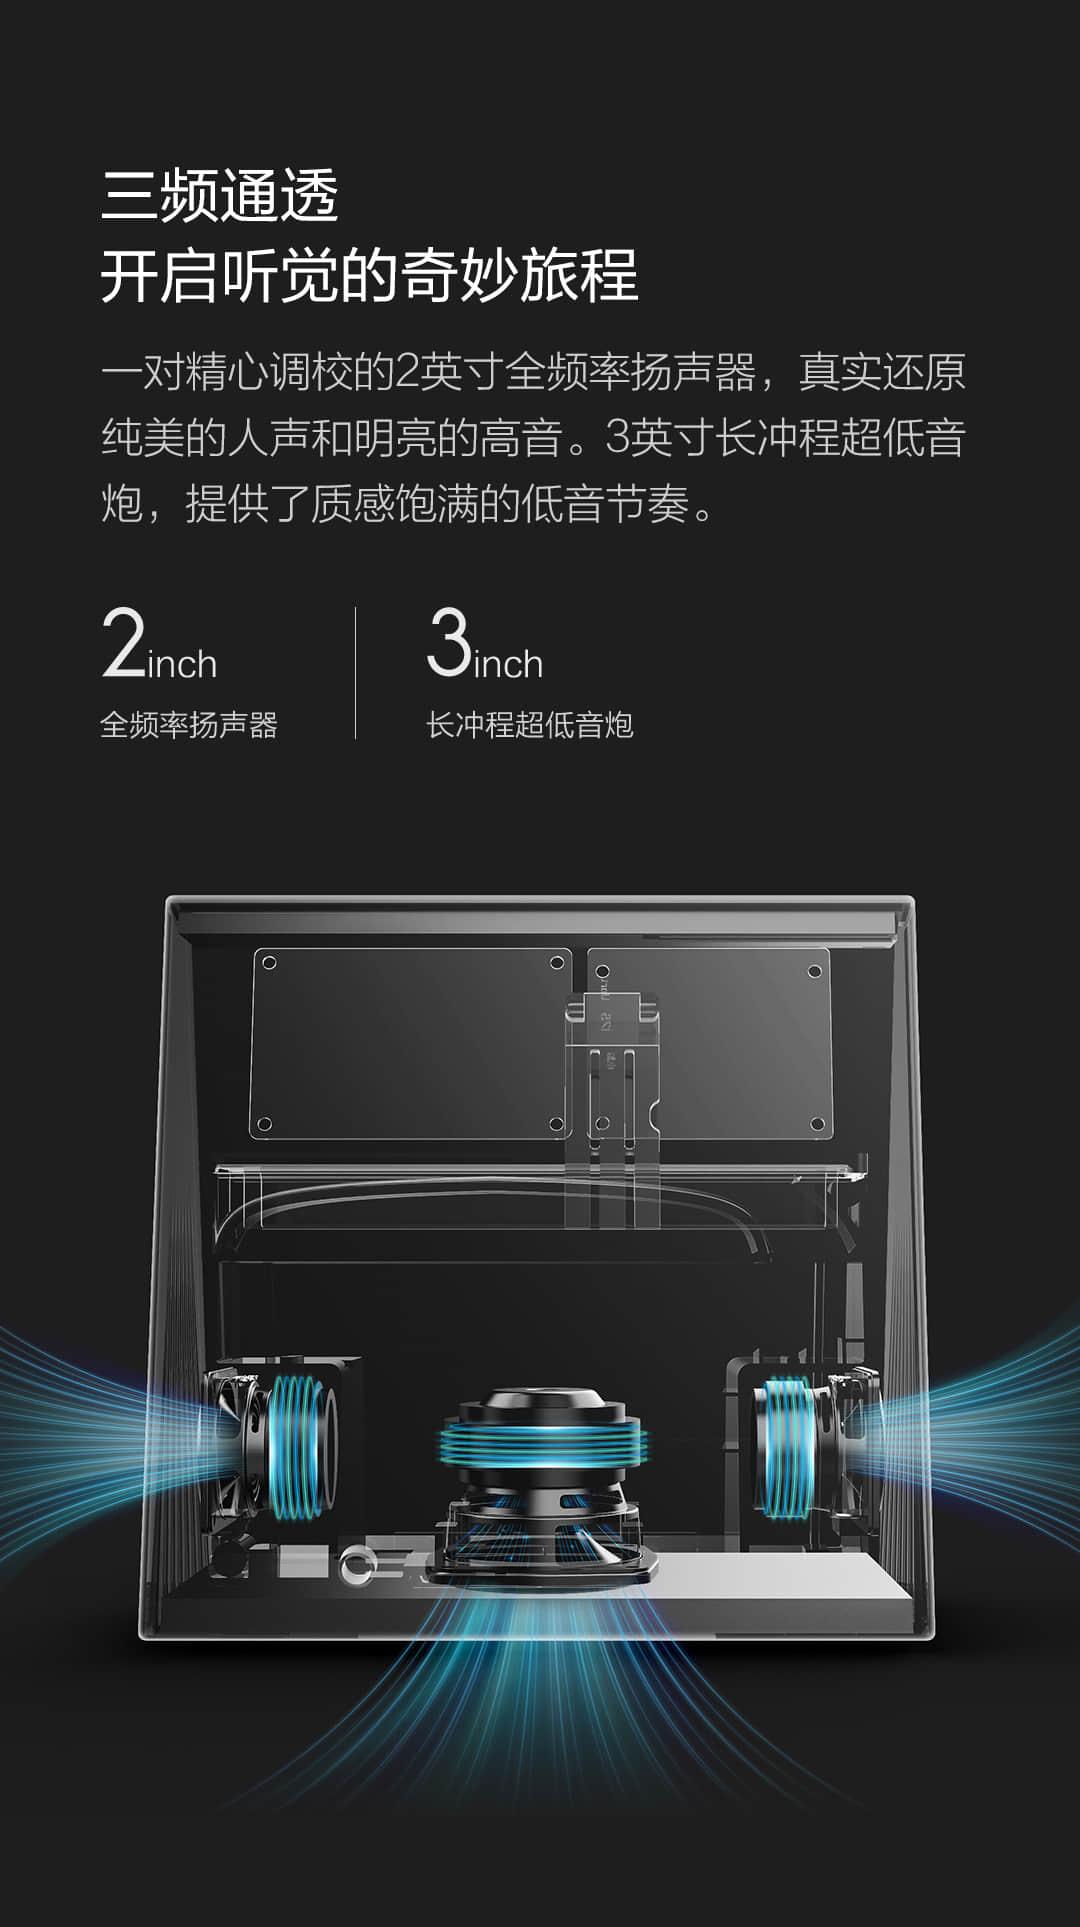 Altavoz vinilo Xiaomi, lo último a la venta en Youpin - Noticias Xiaomi